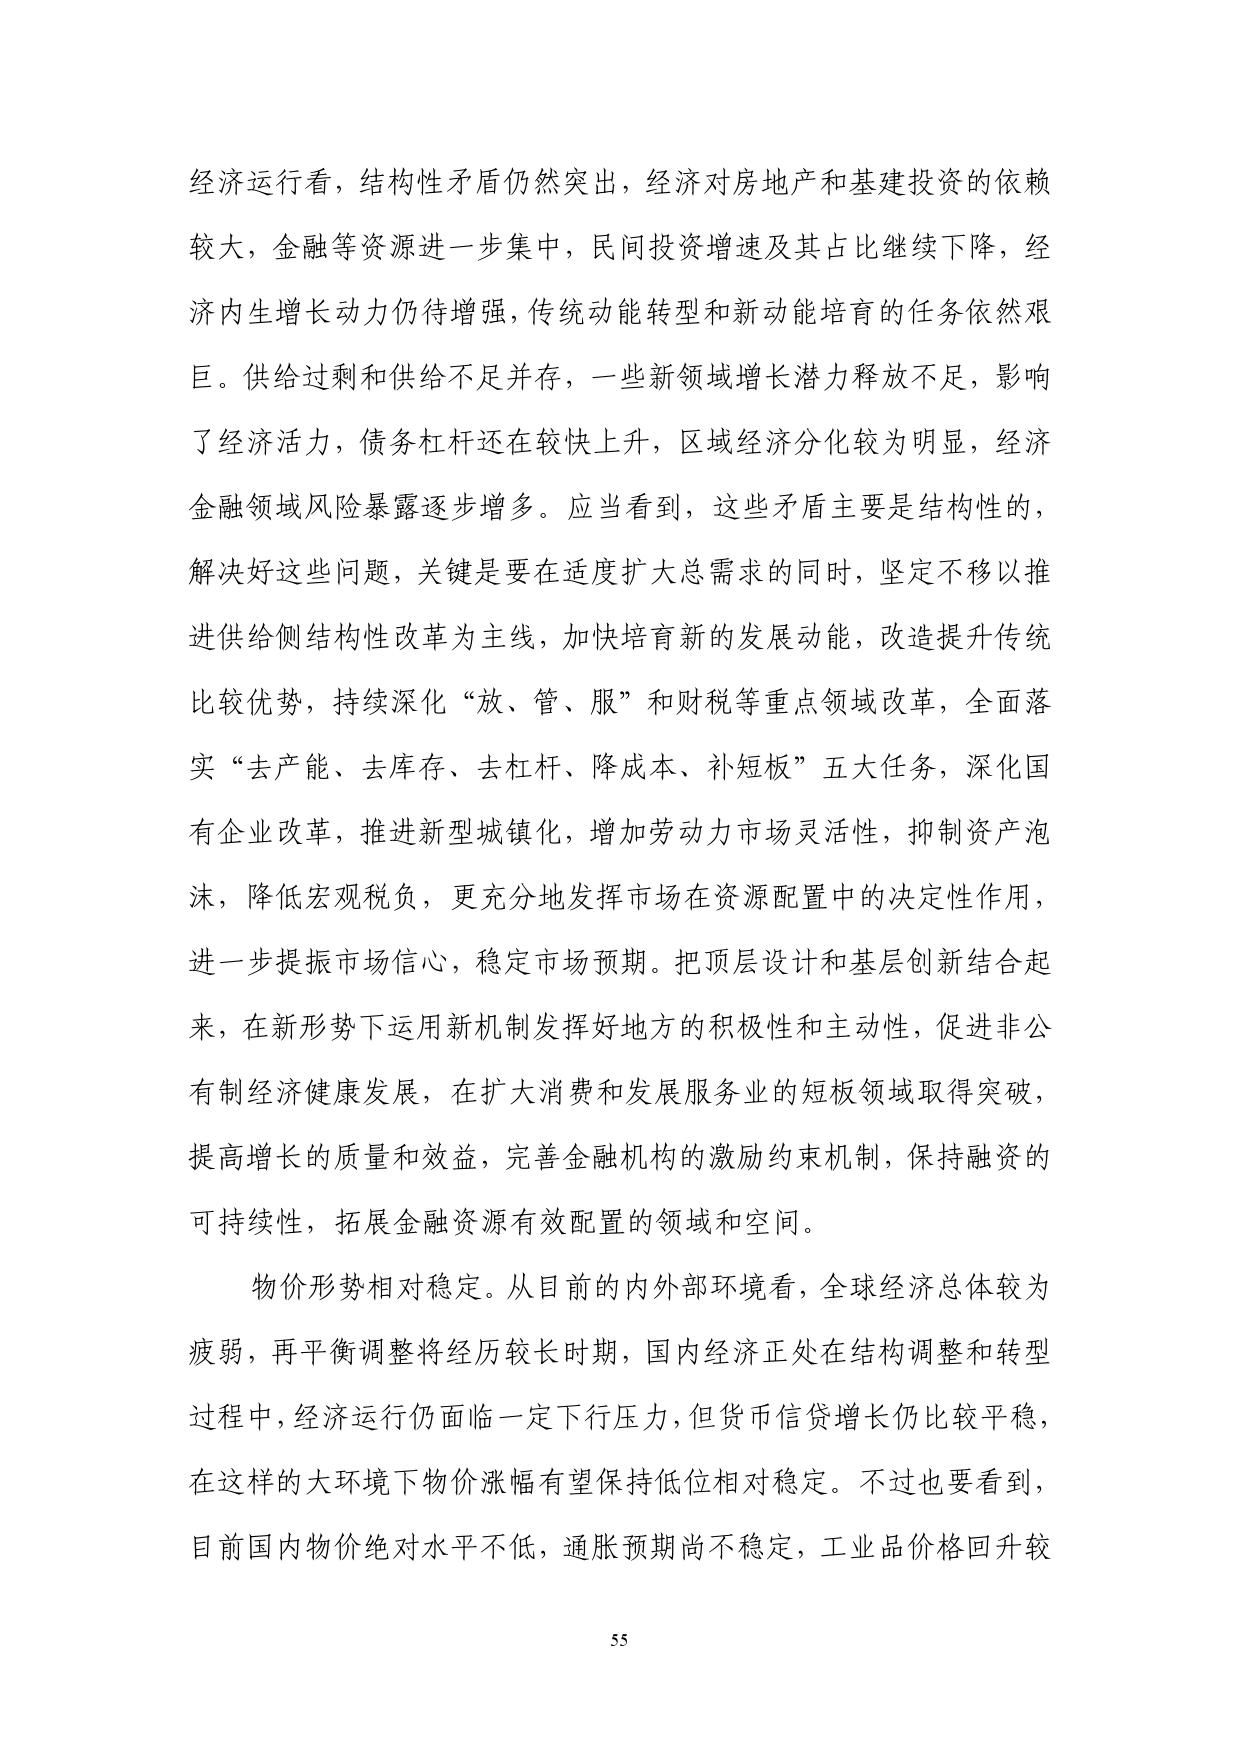 2016年Q2中国货币政策执行报告_000061